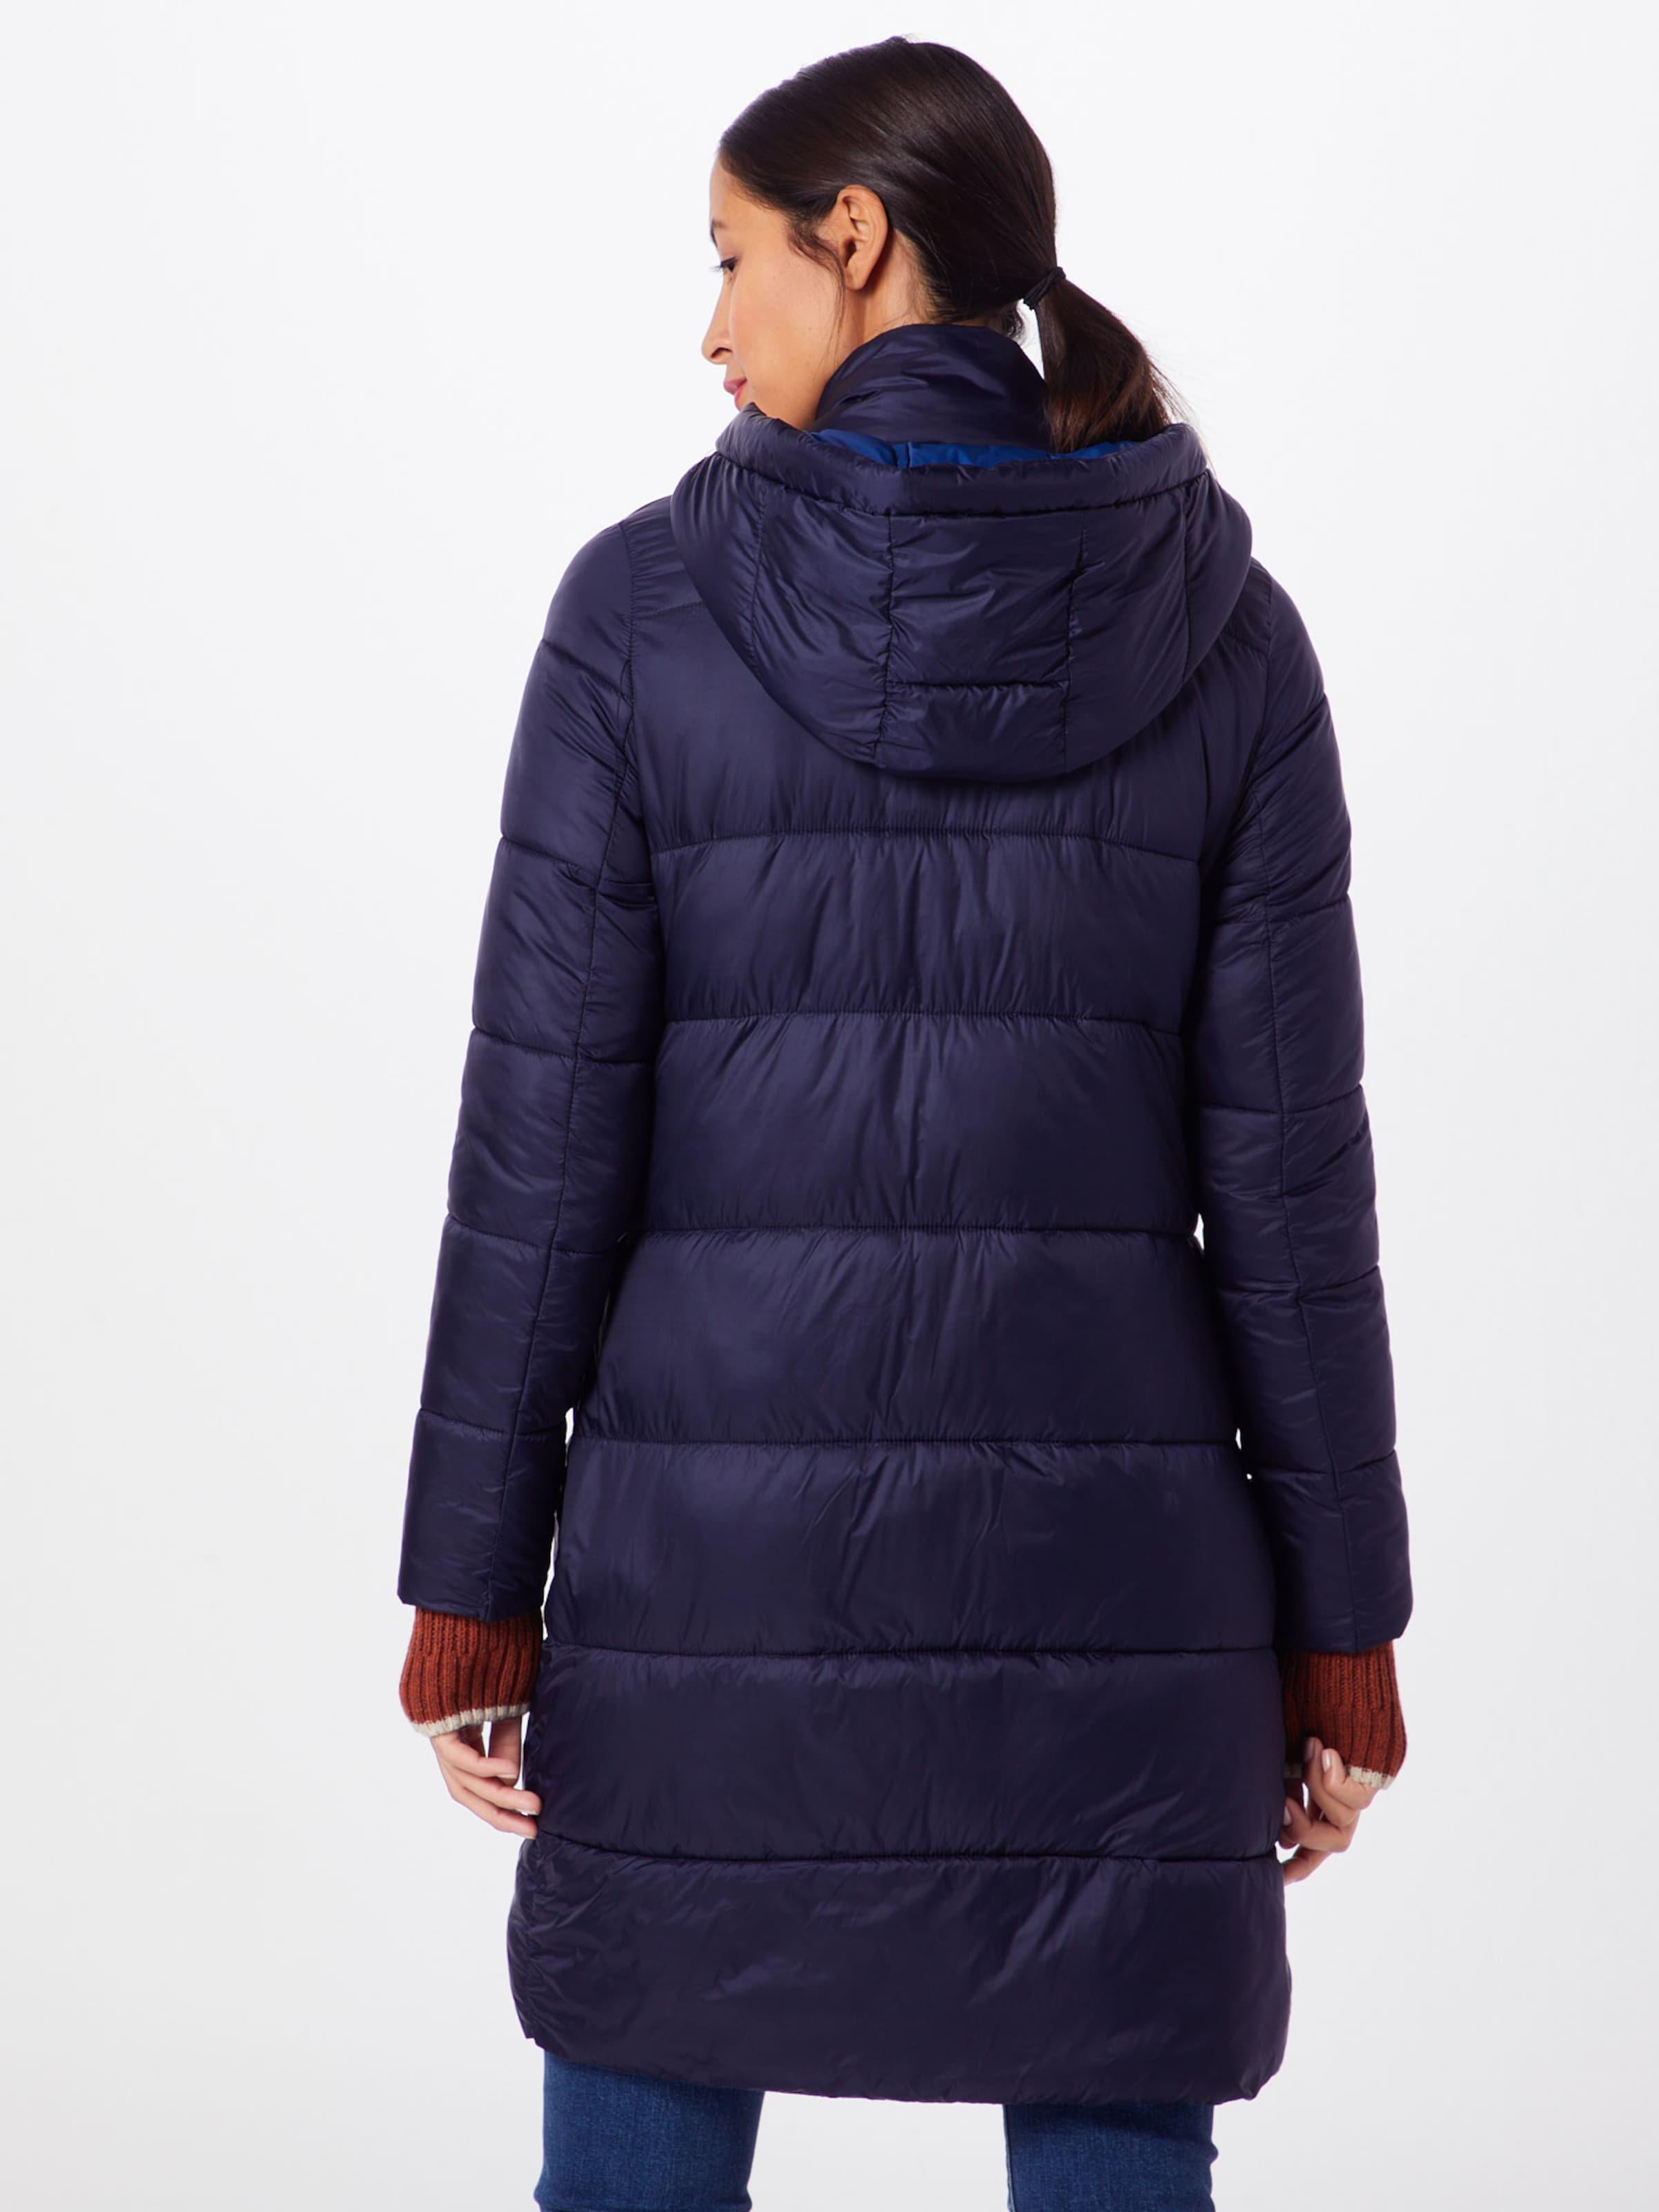 Fashion En Nyc Libby' Bleu Manteau D'hiver Broadway 'coat n08mwNv